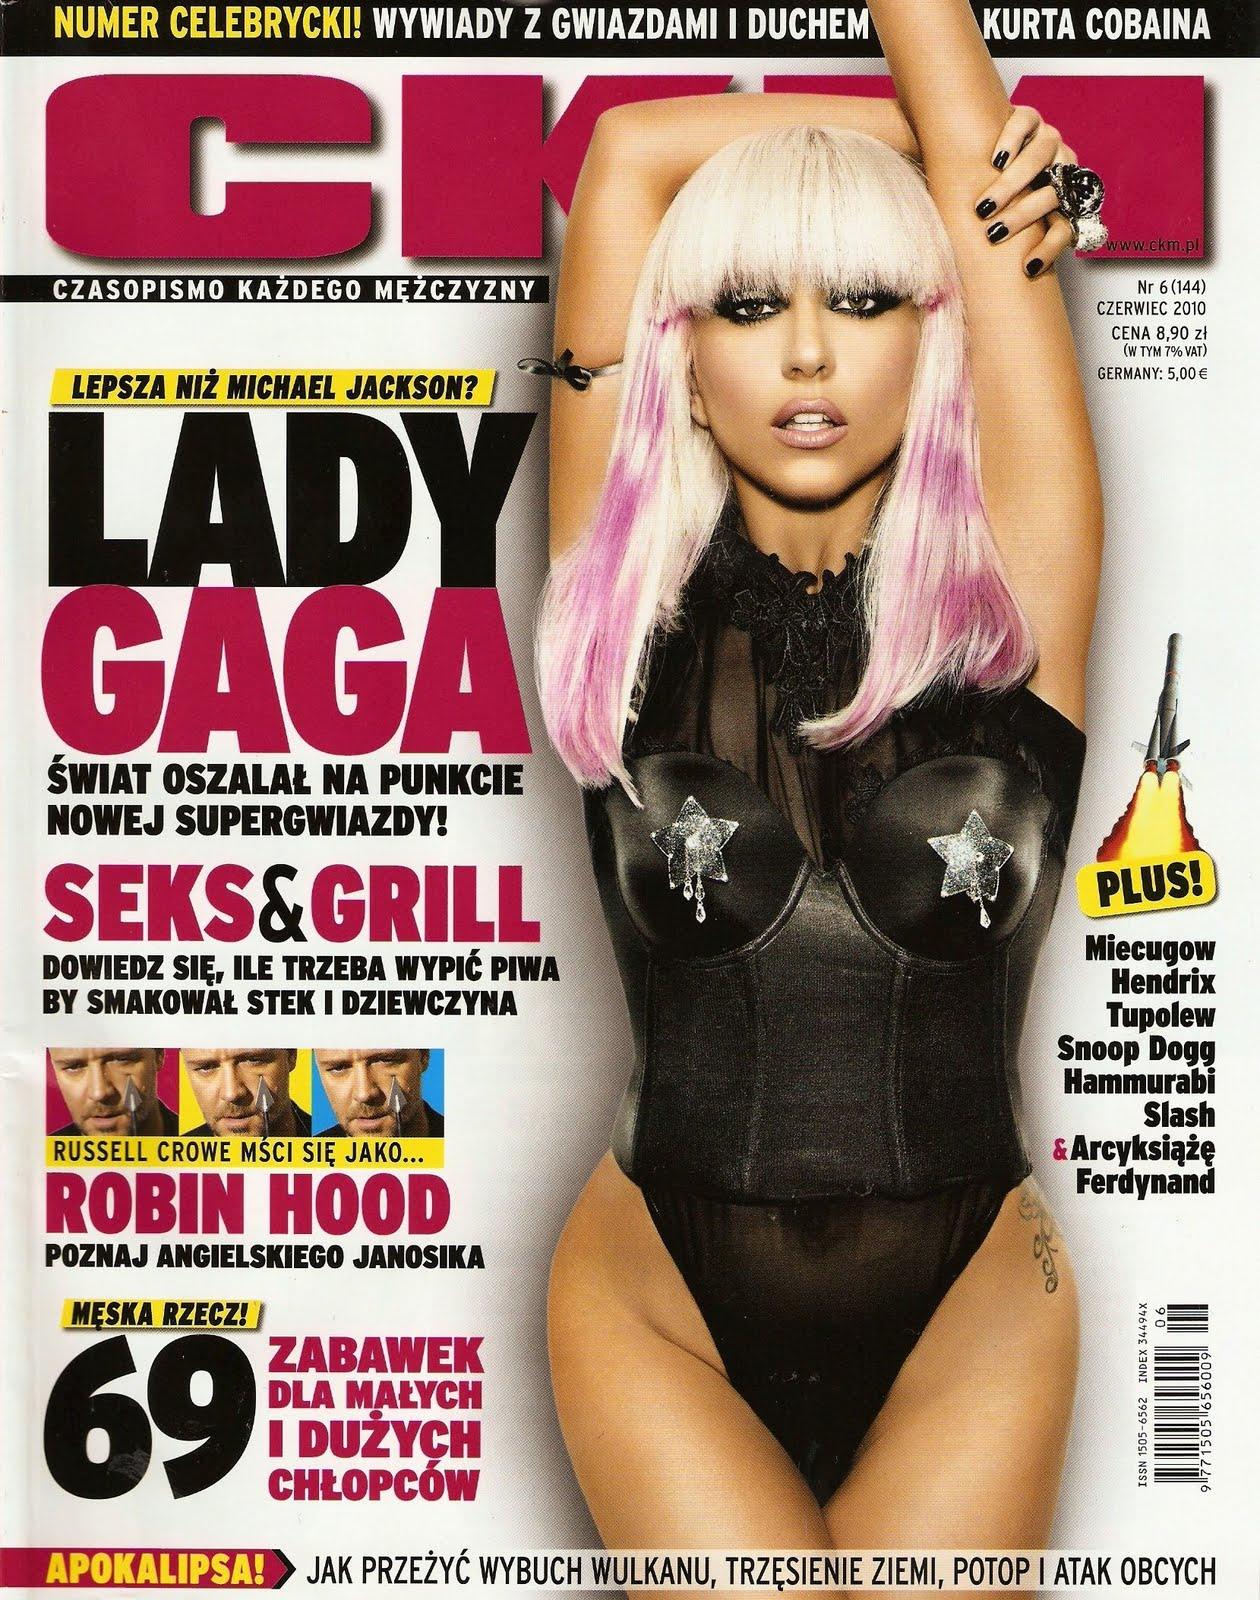 http://4.bp.blogspot.com/__HilW7EXwh8/S_GT8hfm7BI/AAAAAAAAQa0/oxOk-_JVFPA/s1600/CKM+Magazine.jpg